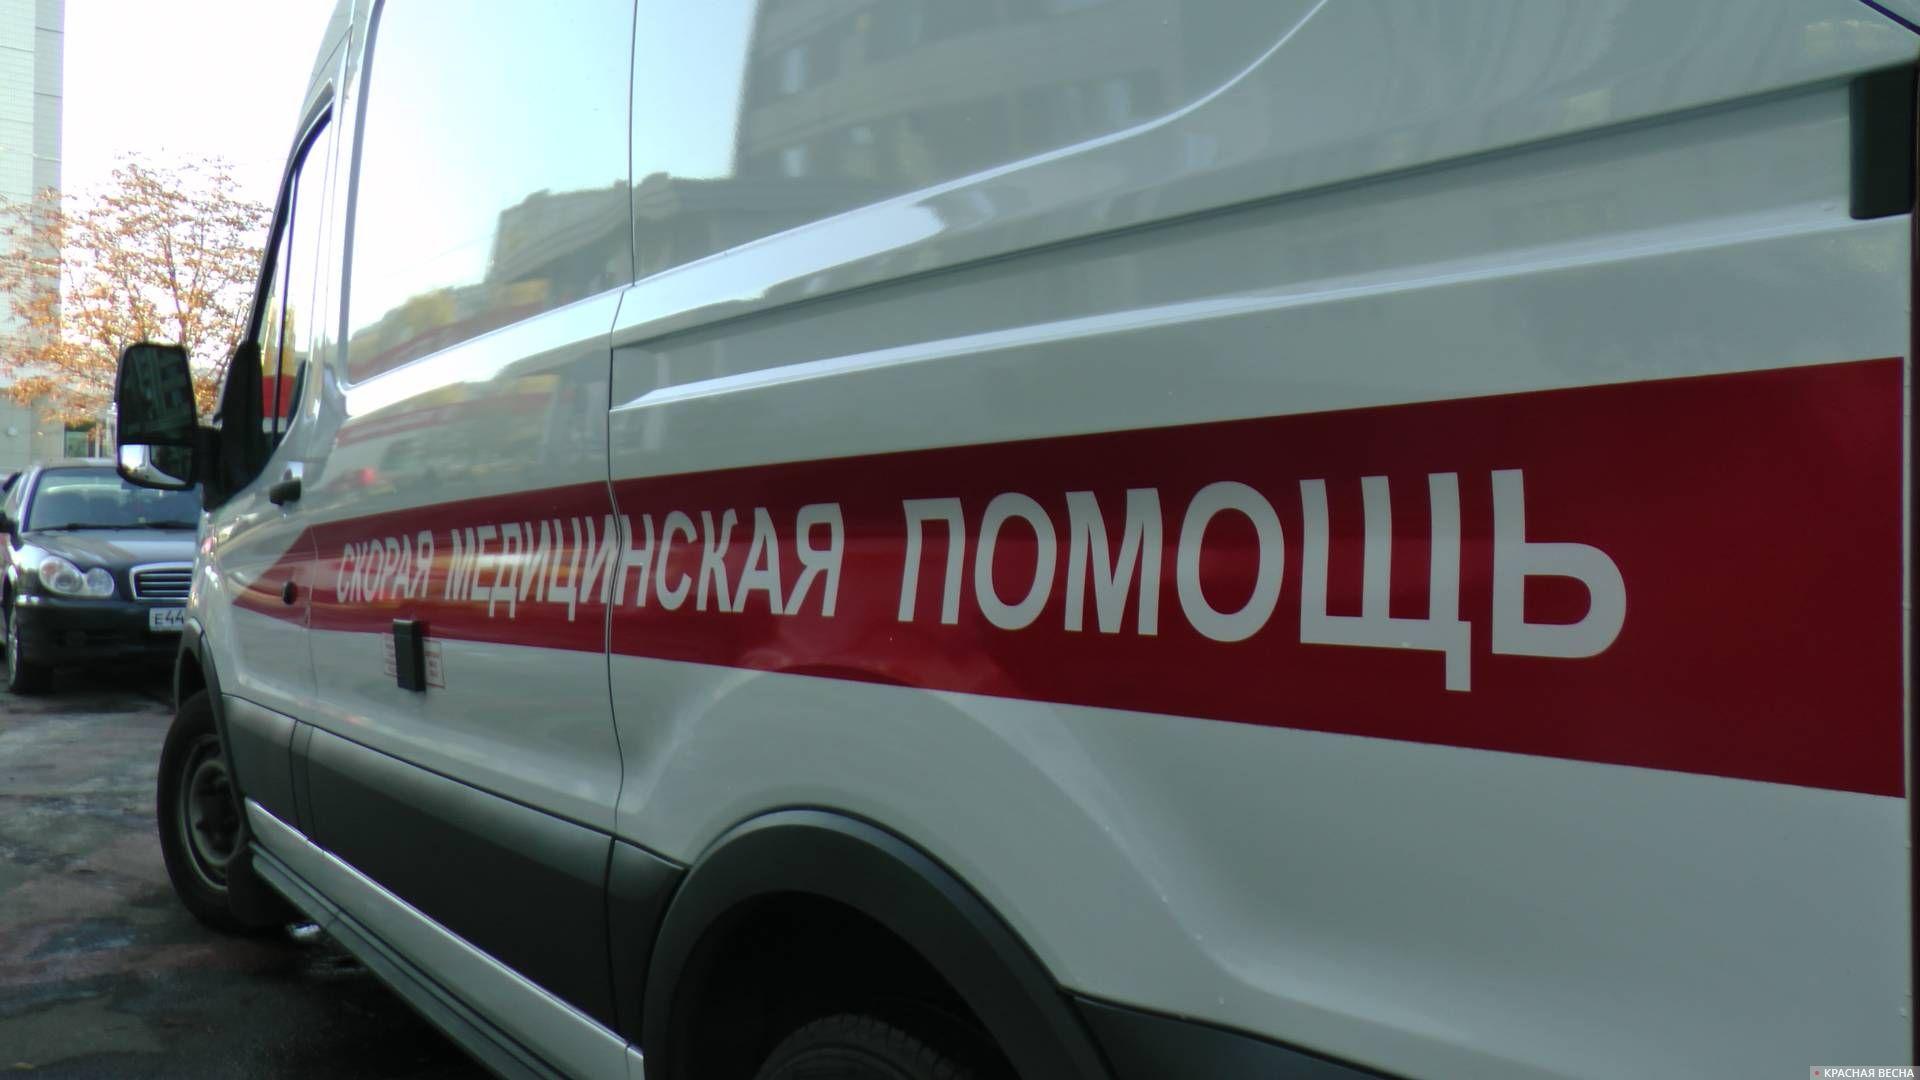 Скорая помощь. Москва. 2018